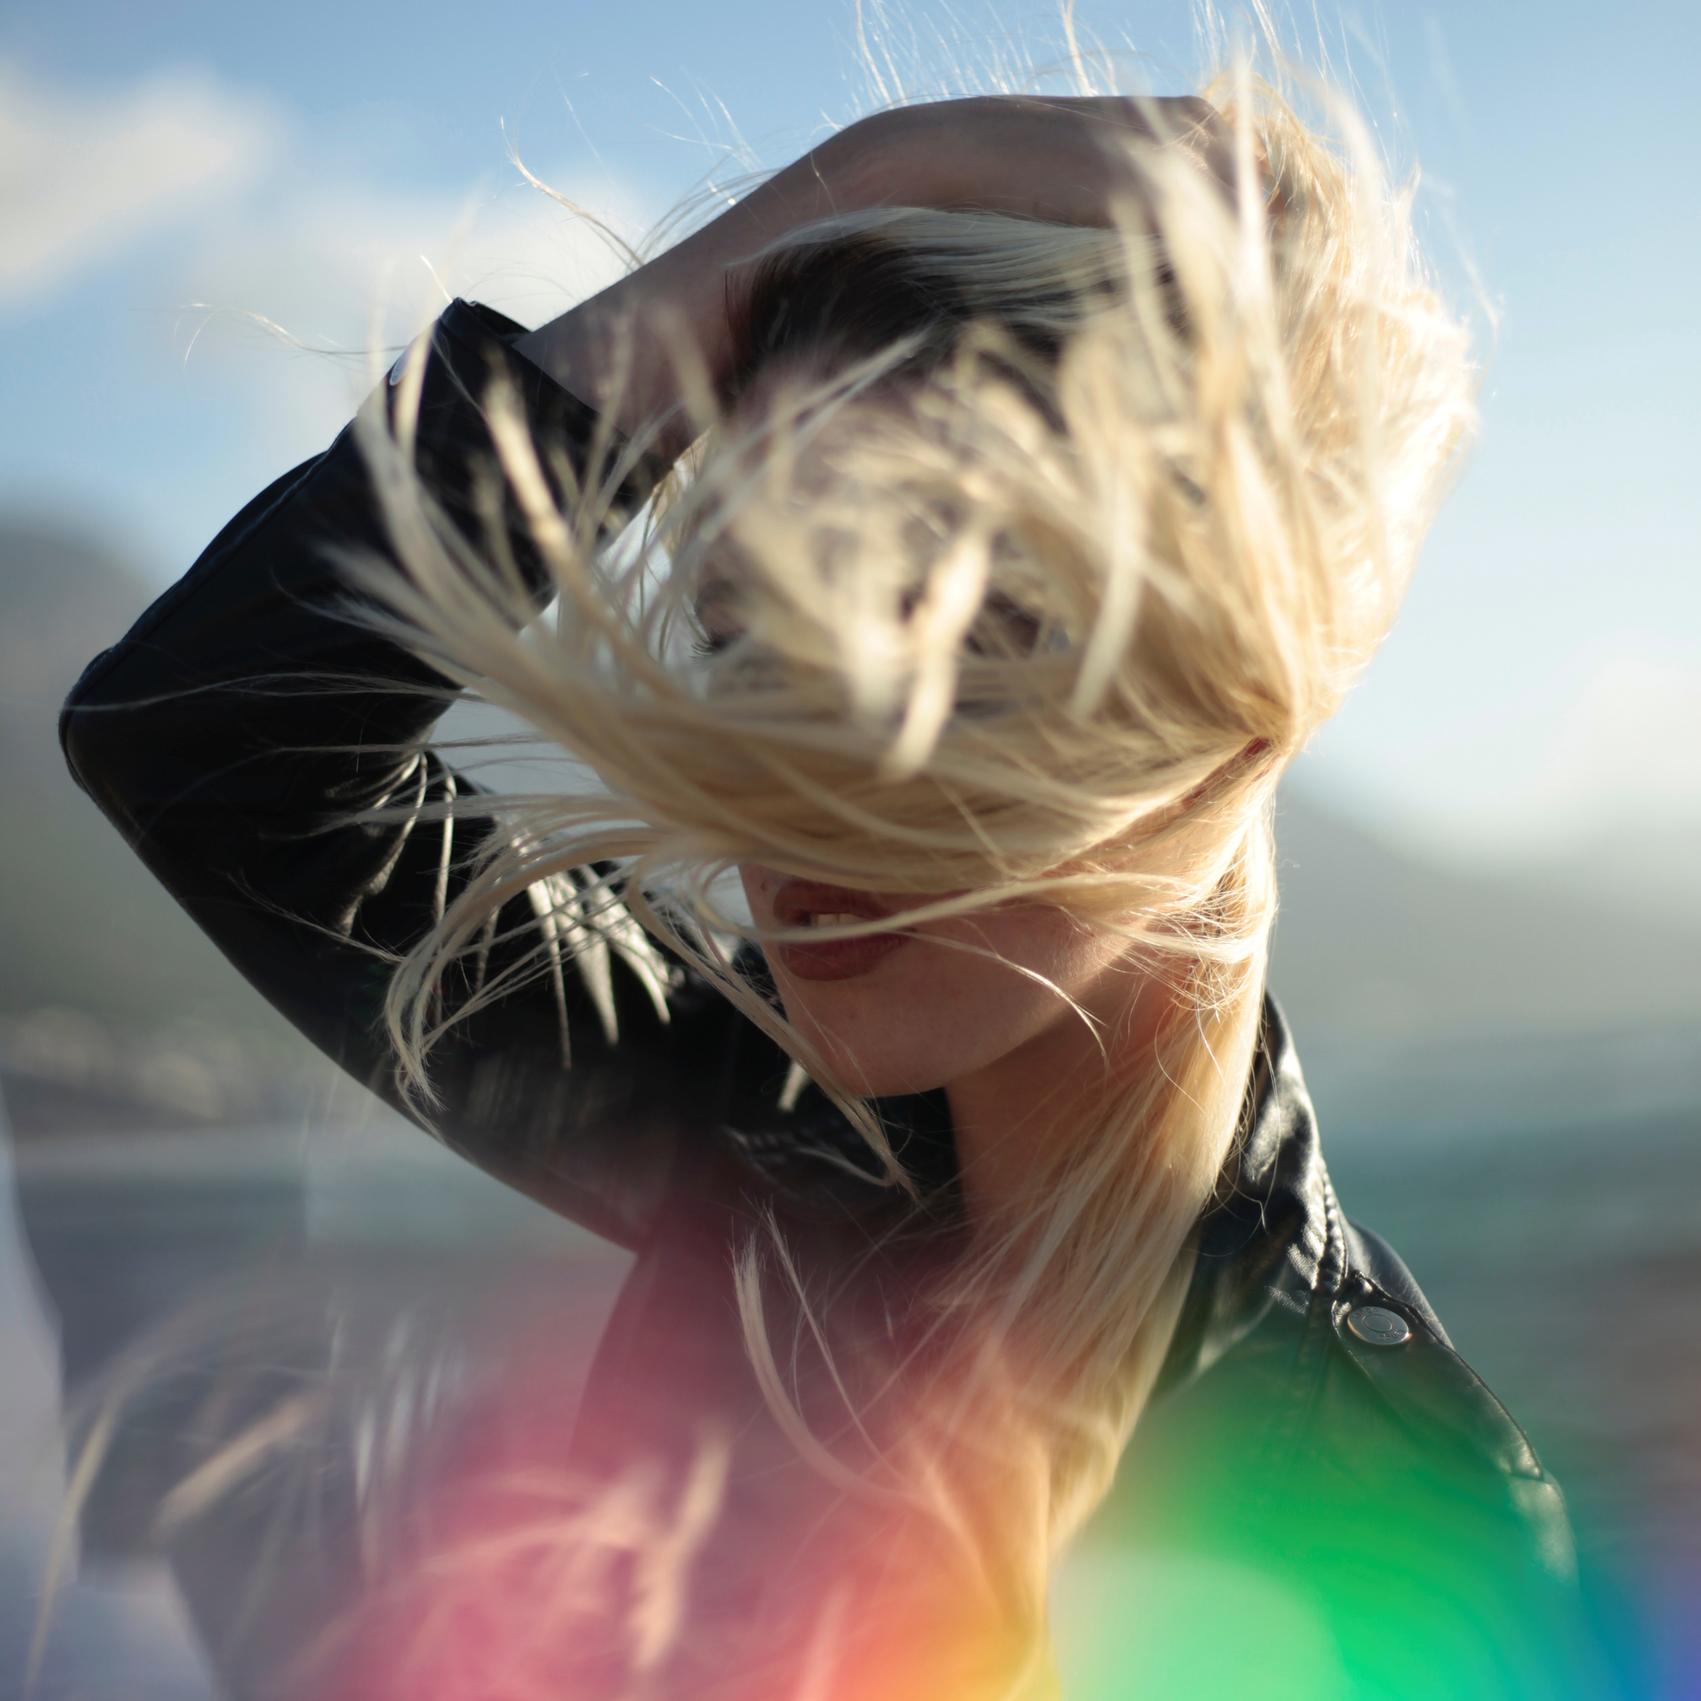 Plaukų šviesinimo subtilybės – iš profesionalų lūpų